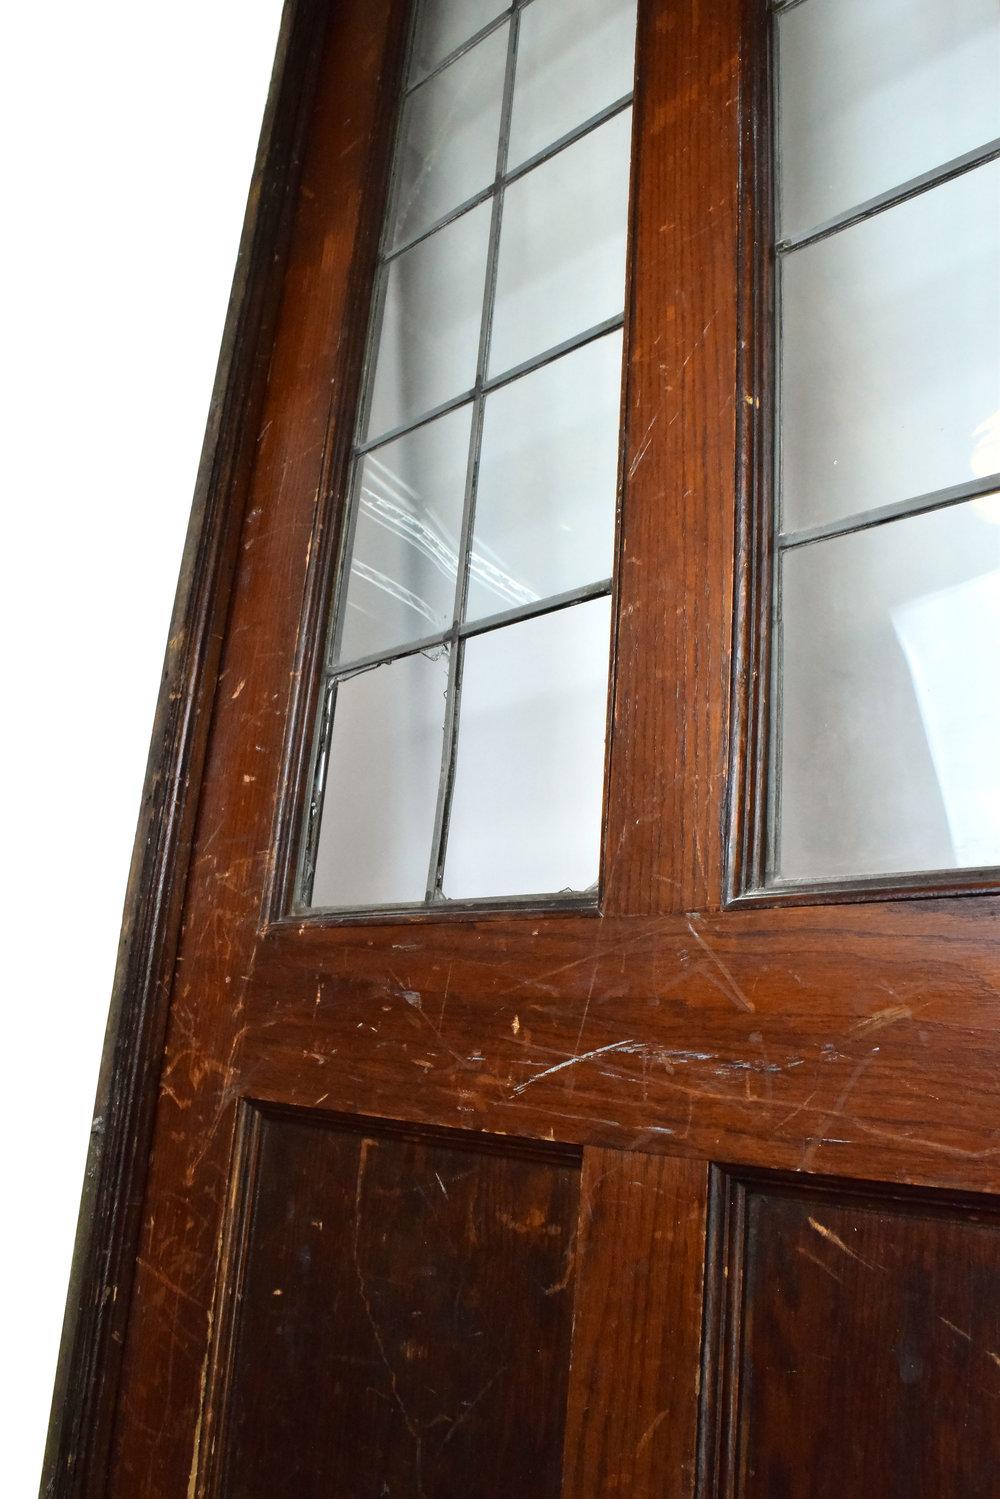 47032-oak-door-with-leaded-mirrors-wood-detail.jpg